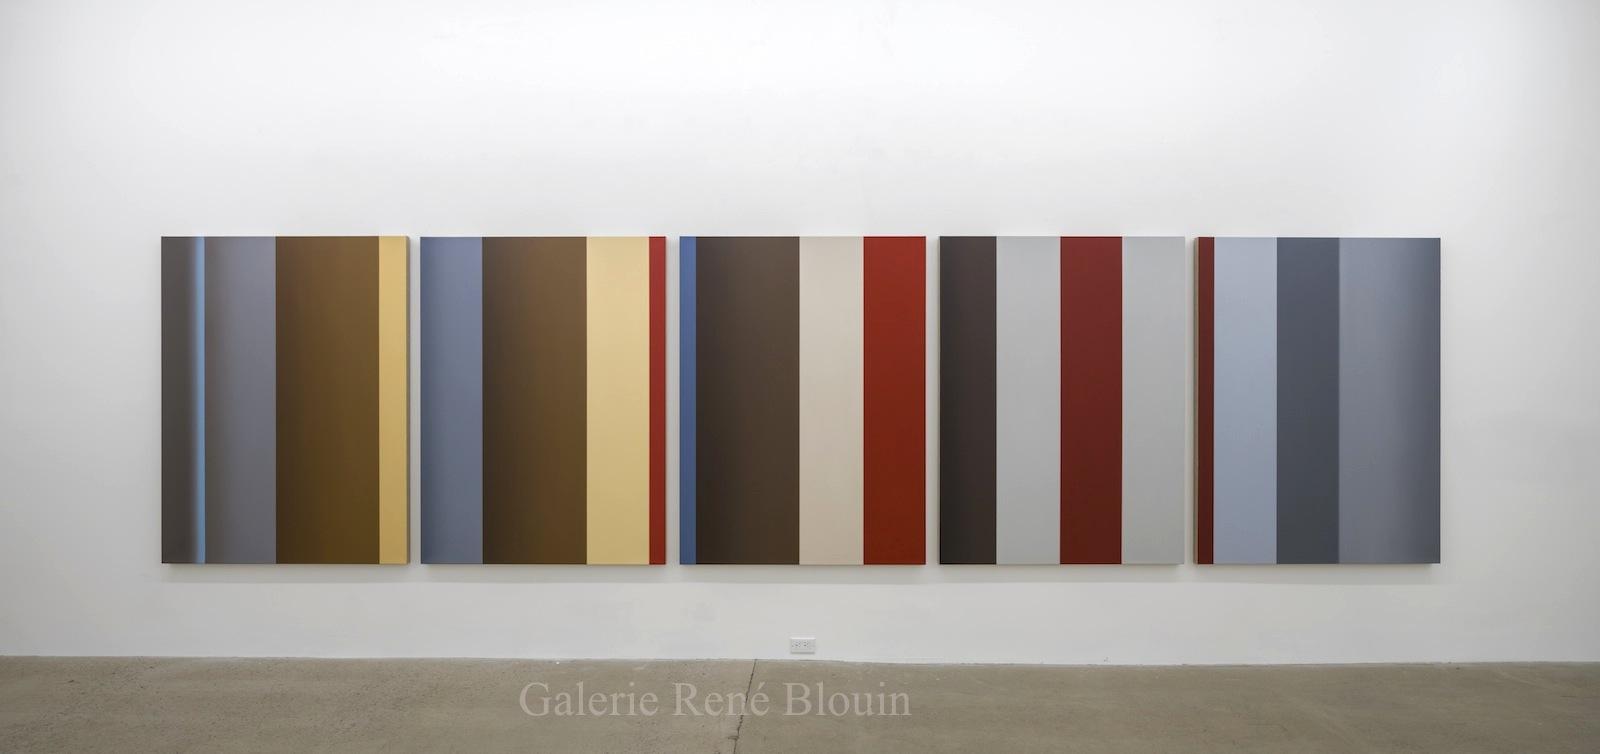 Vue d'installation, 2016 Pierre Dorion, Sans titre (DB), 2012 | Géométries (2016)